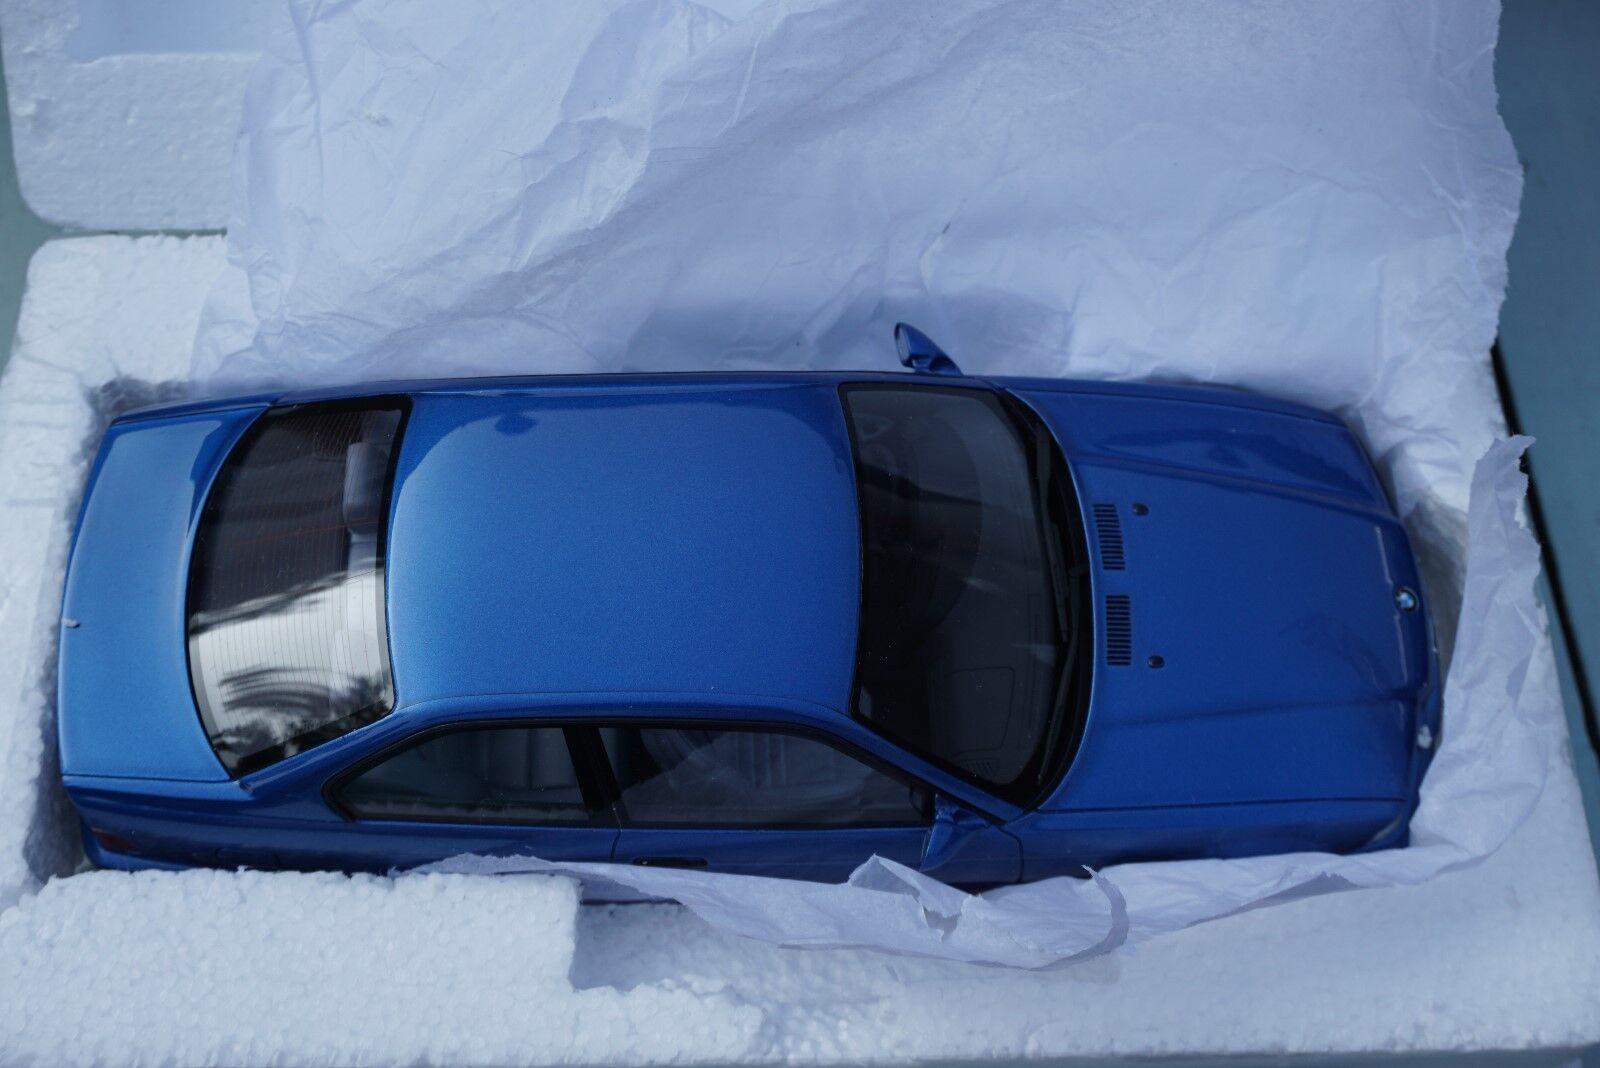 venderse como panqueques 1 18 OTTO MOBILE MOBILE MOBILE BMW E36 M3 Coupe Azul OT625  wholesape barato